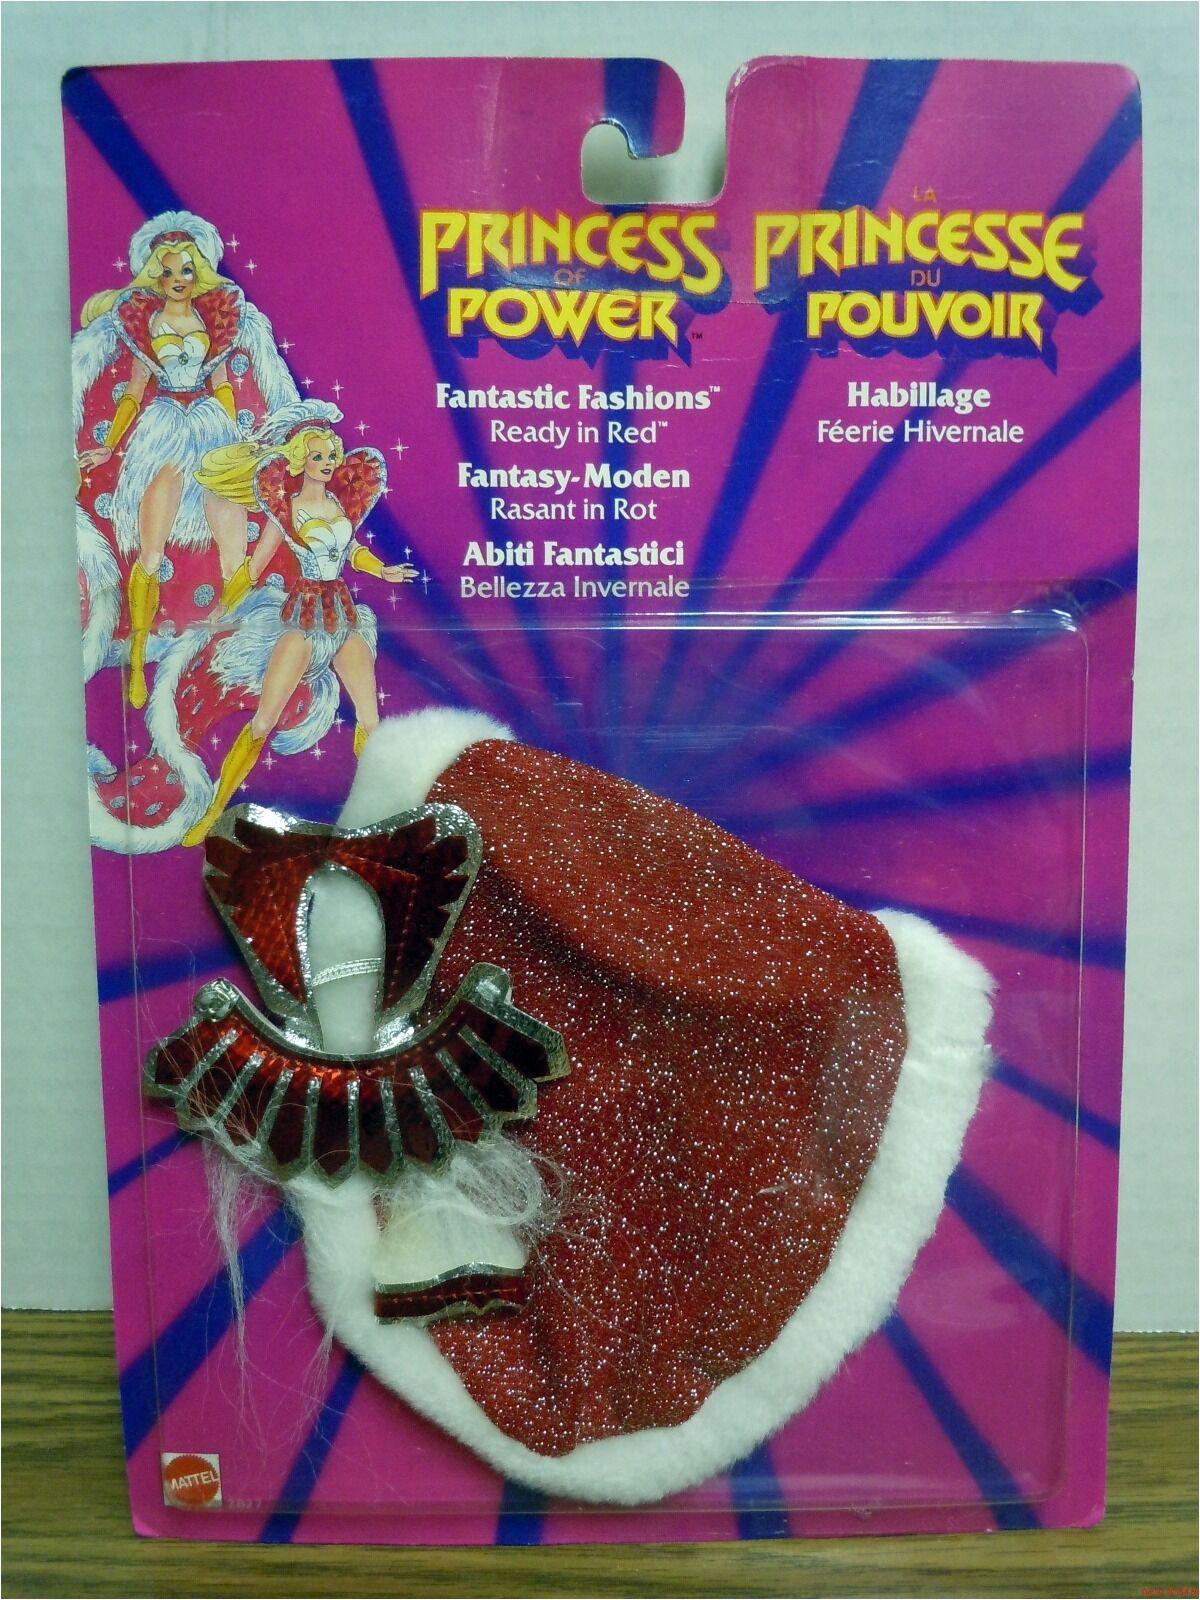 Bereit in roten fantastische mode prinzessin macht sie zu neuen shera 1986 moc